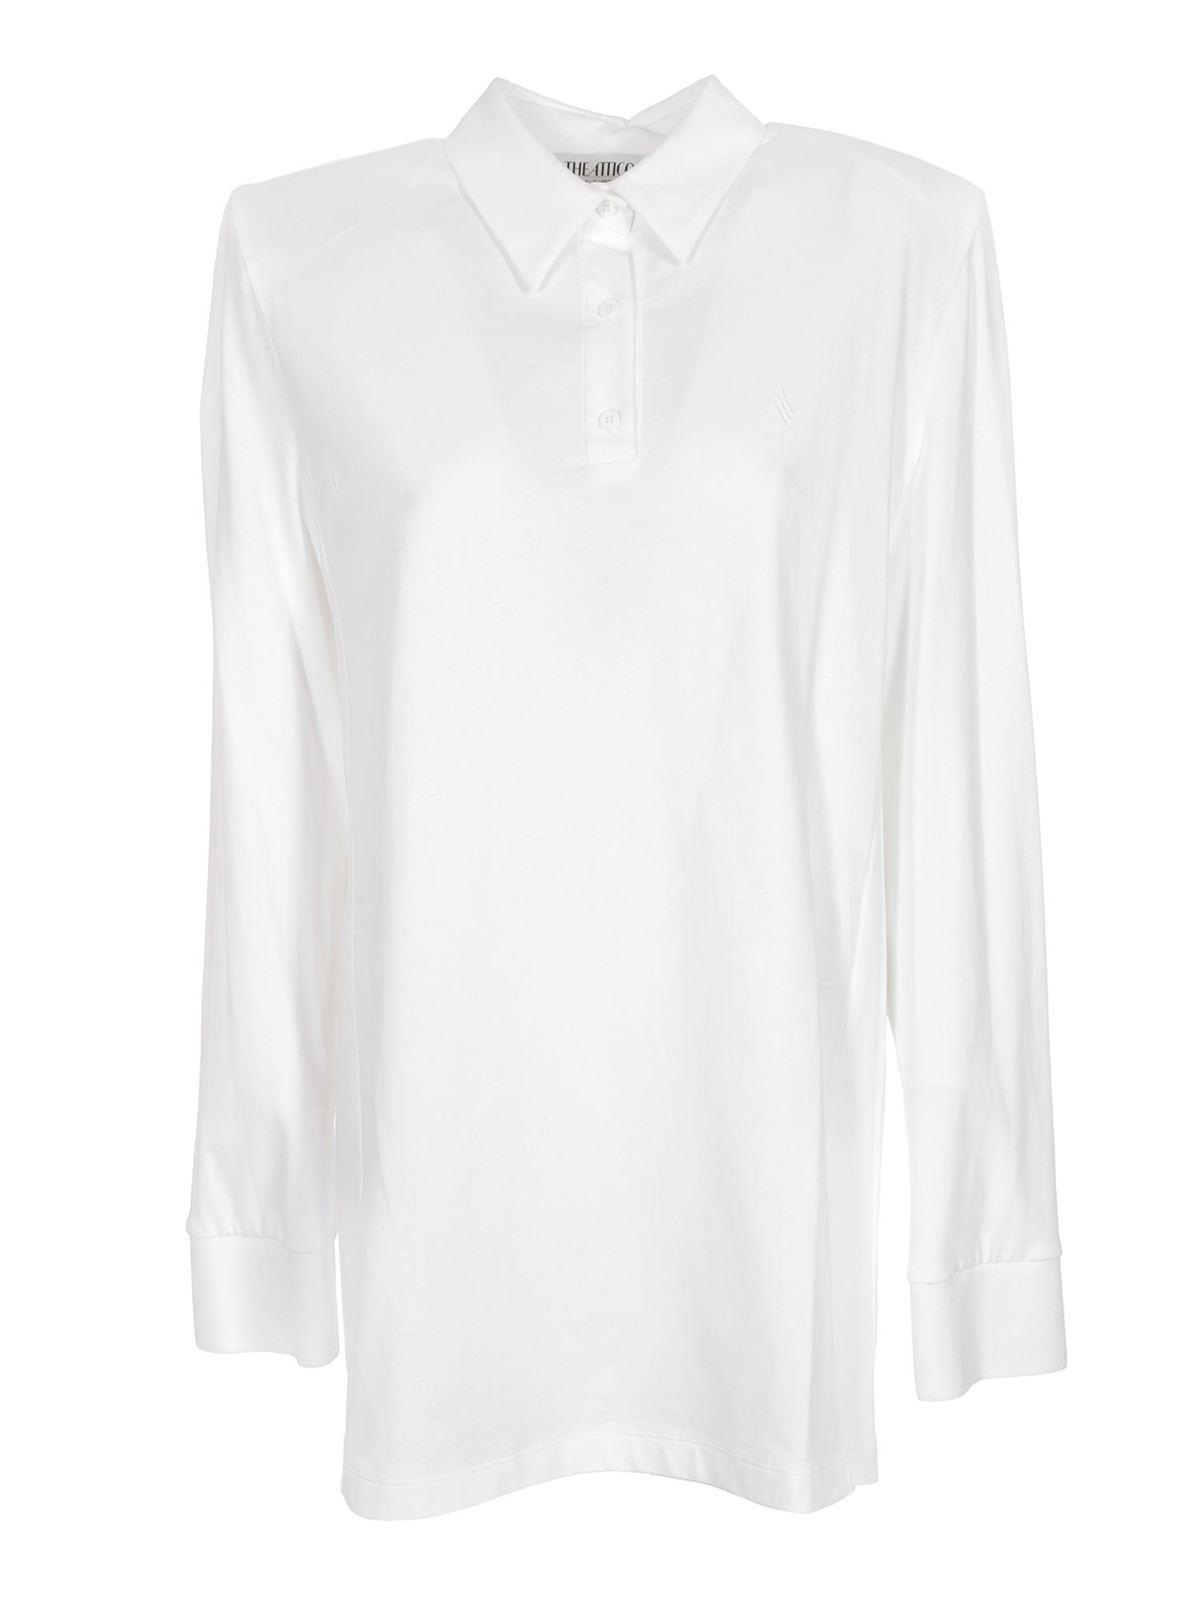 ATTICO ASTRID MINI POLO DRESS IN WHITE